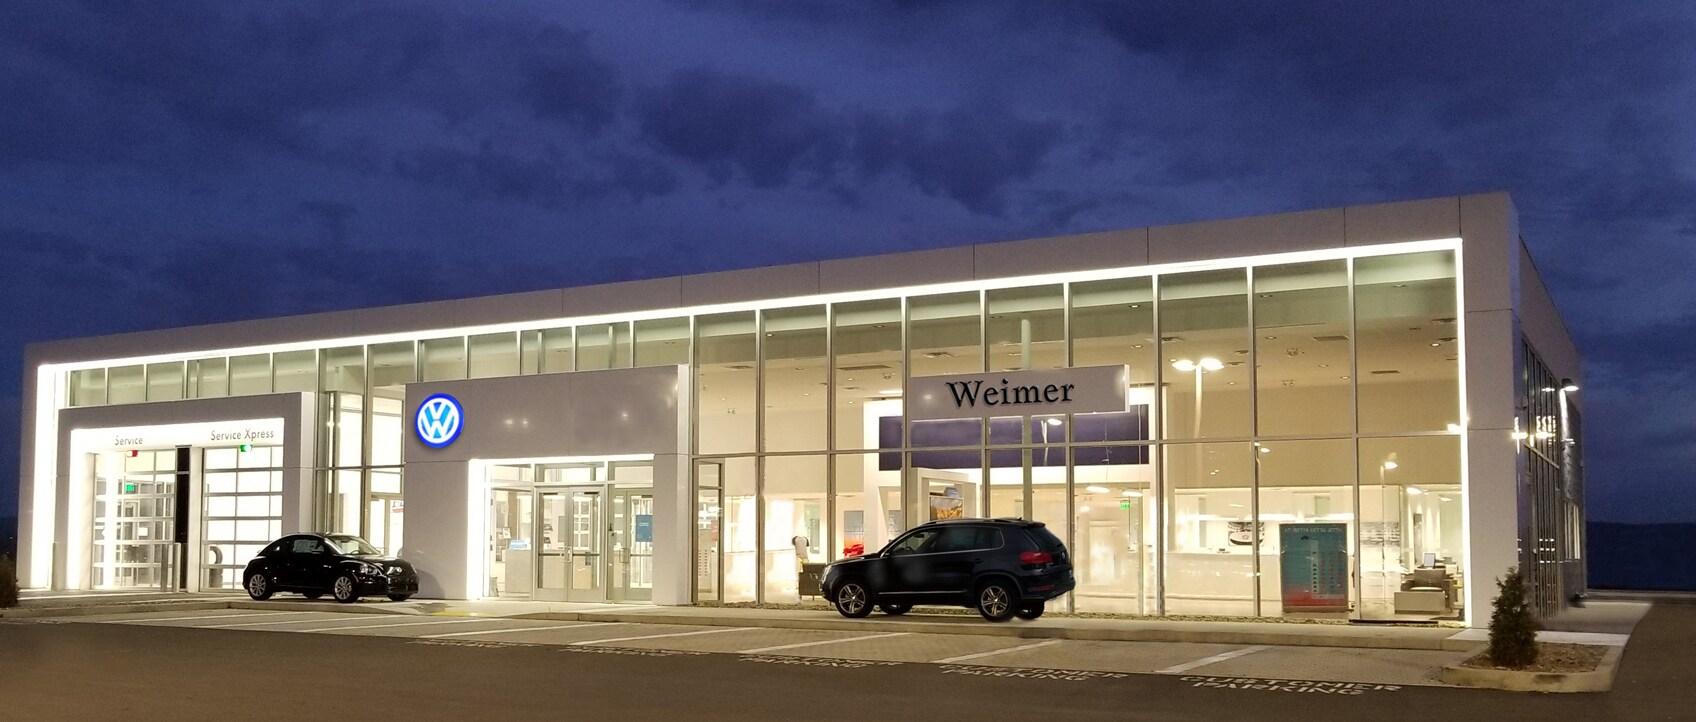 Weimer Volkswagen Of Morgantown Volkswagen Dealership In